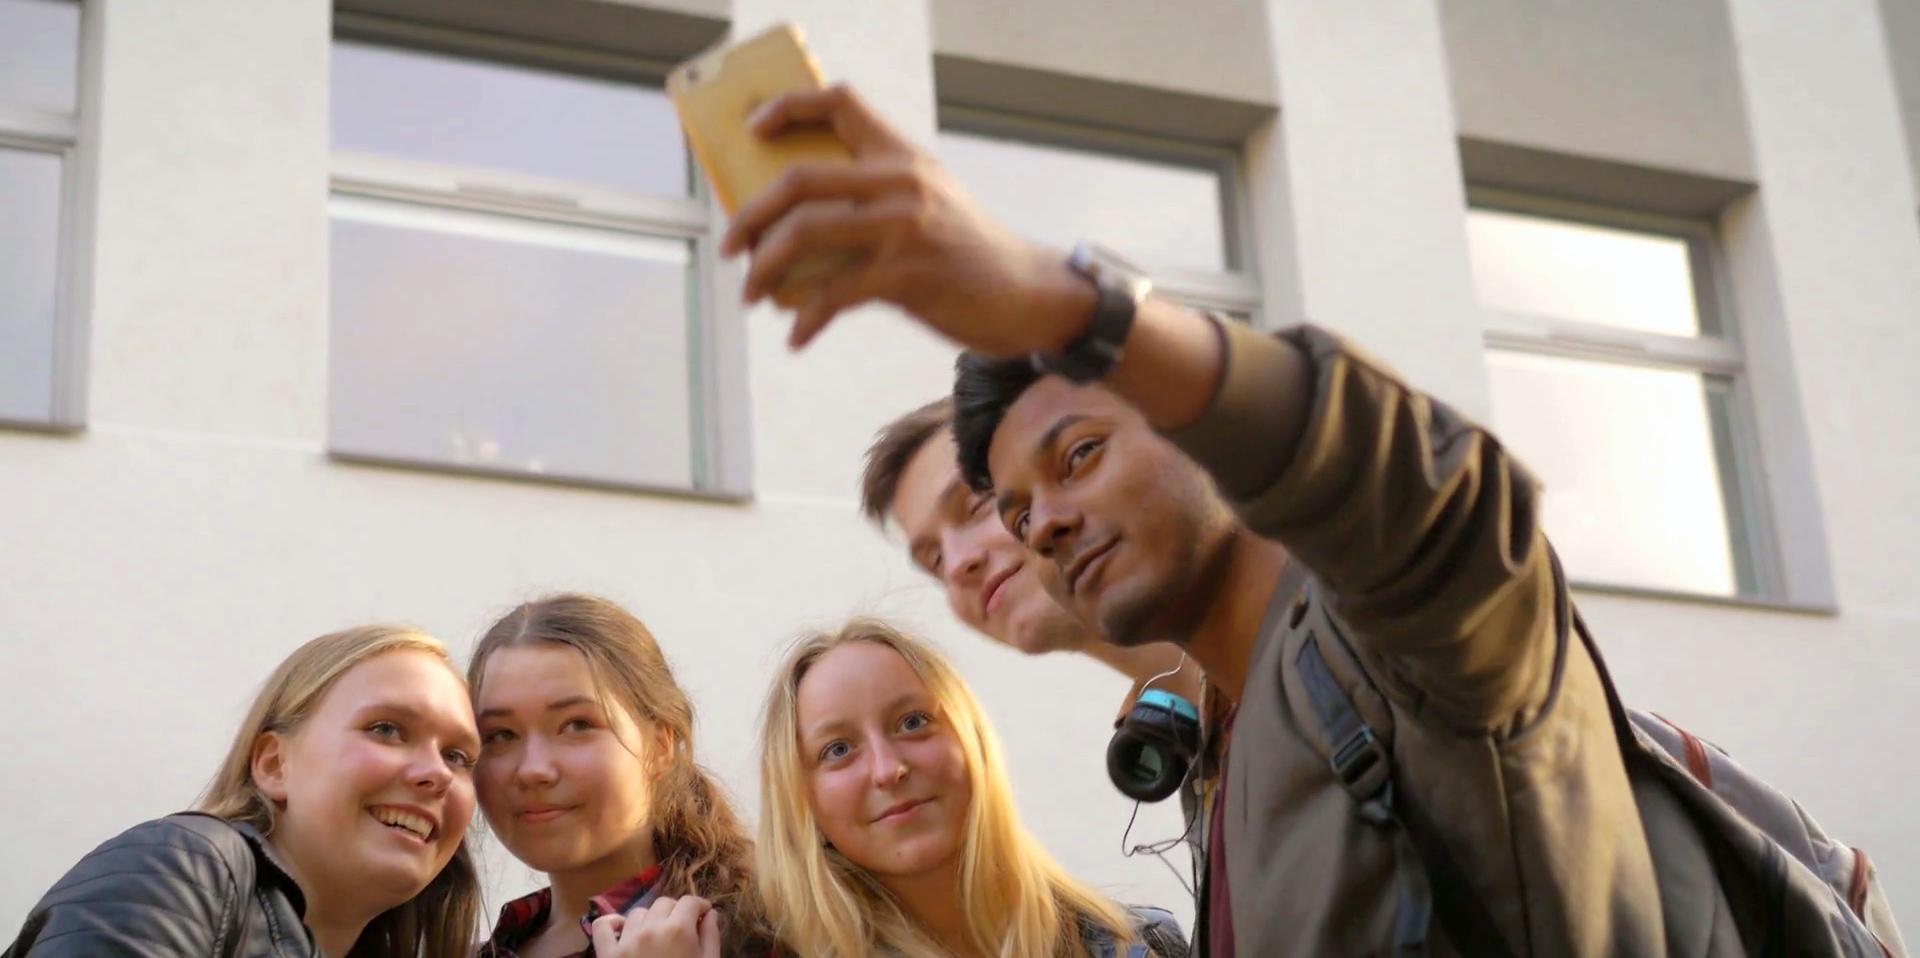 Desain UX seluler yang cermat akan mengikuti praktik terbaik pengalaman pengguna seluler.